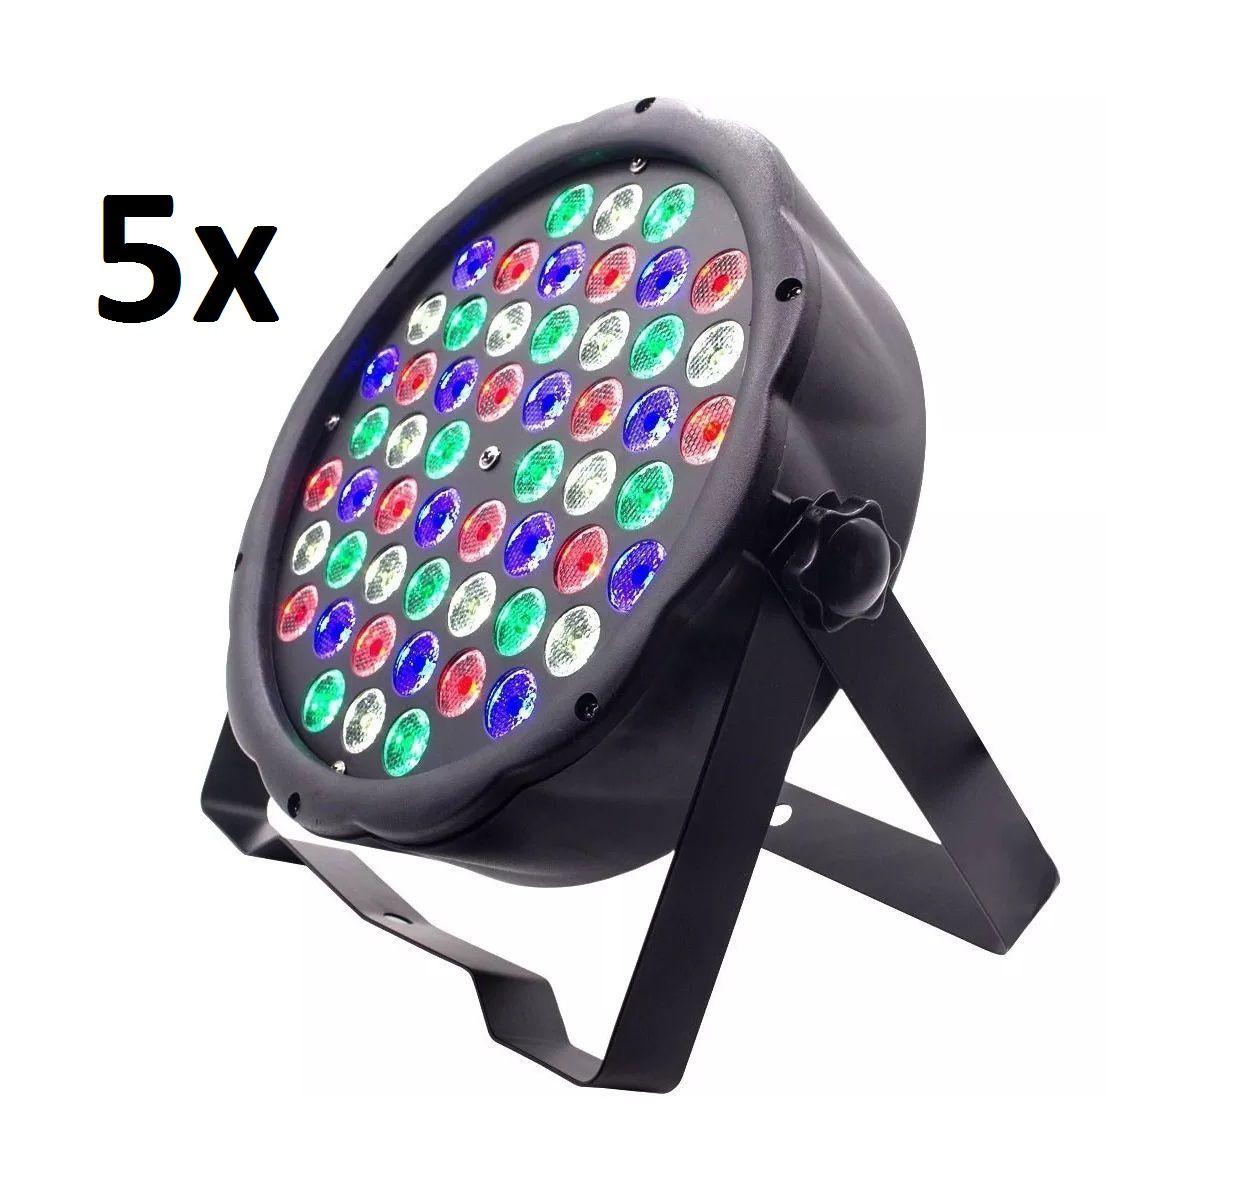 Kit 5x Canhão de Luz Led Par 64 RBGW 54 Leds 3w Strobo Dmx Digital